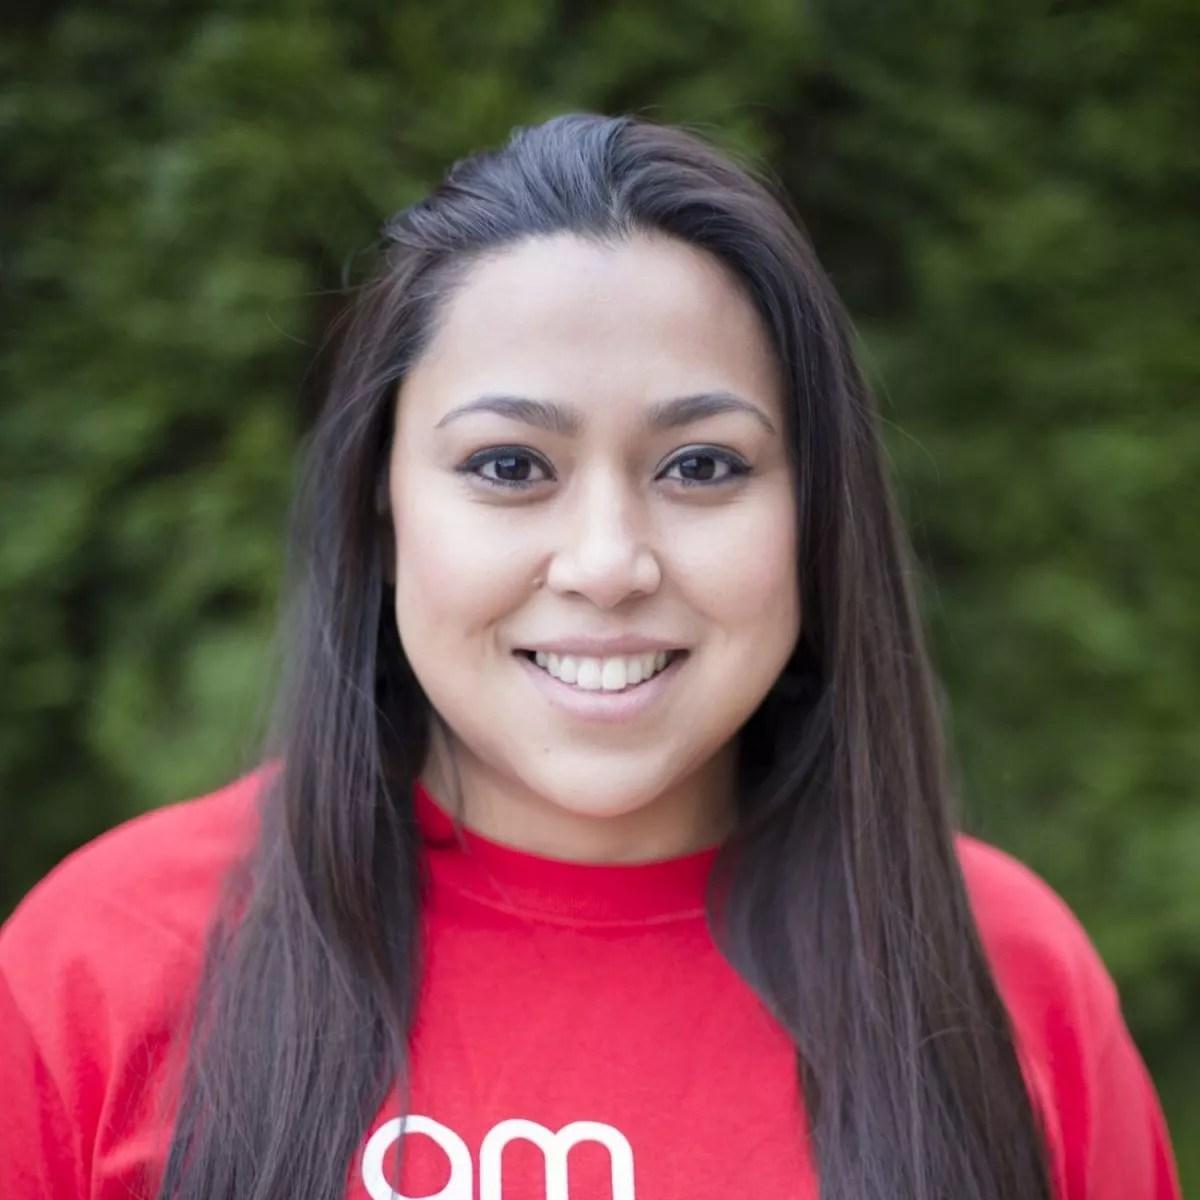 Ellie Arreguin - After School Center Director